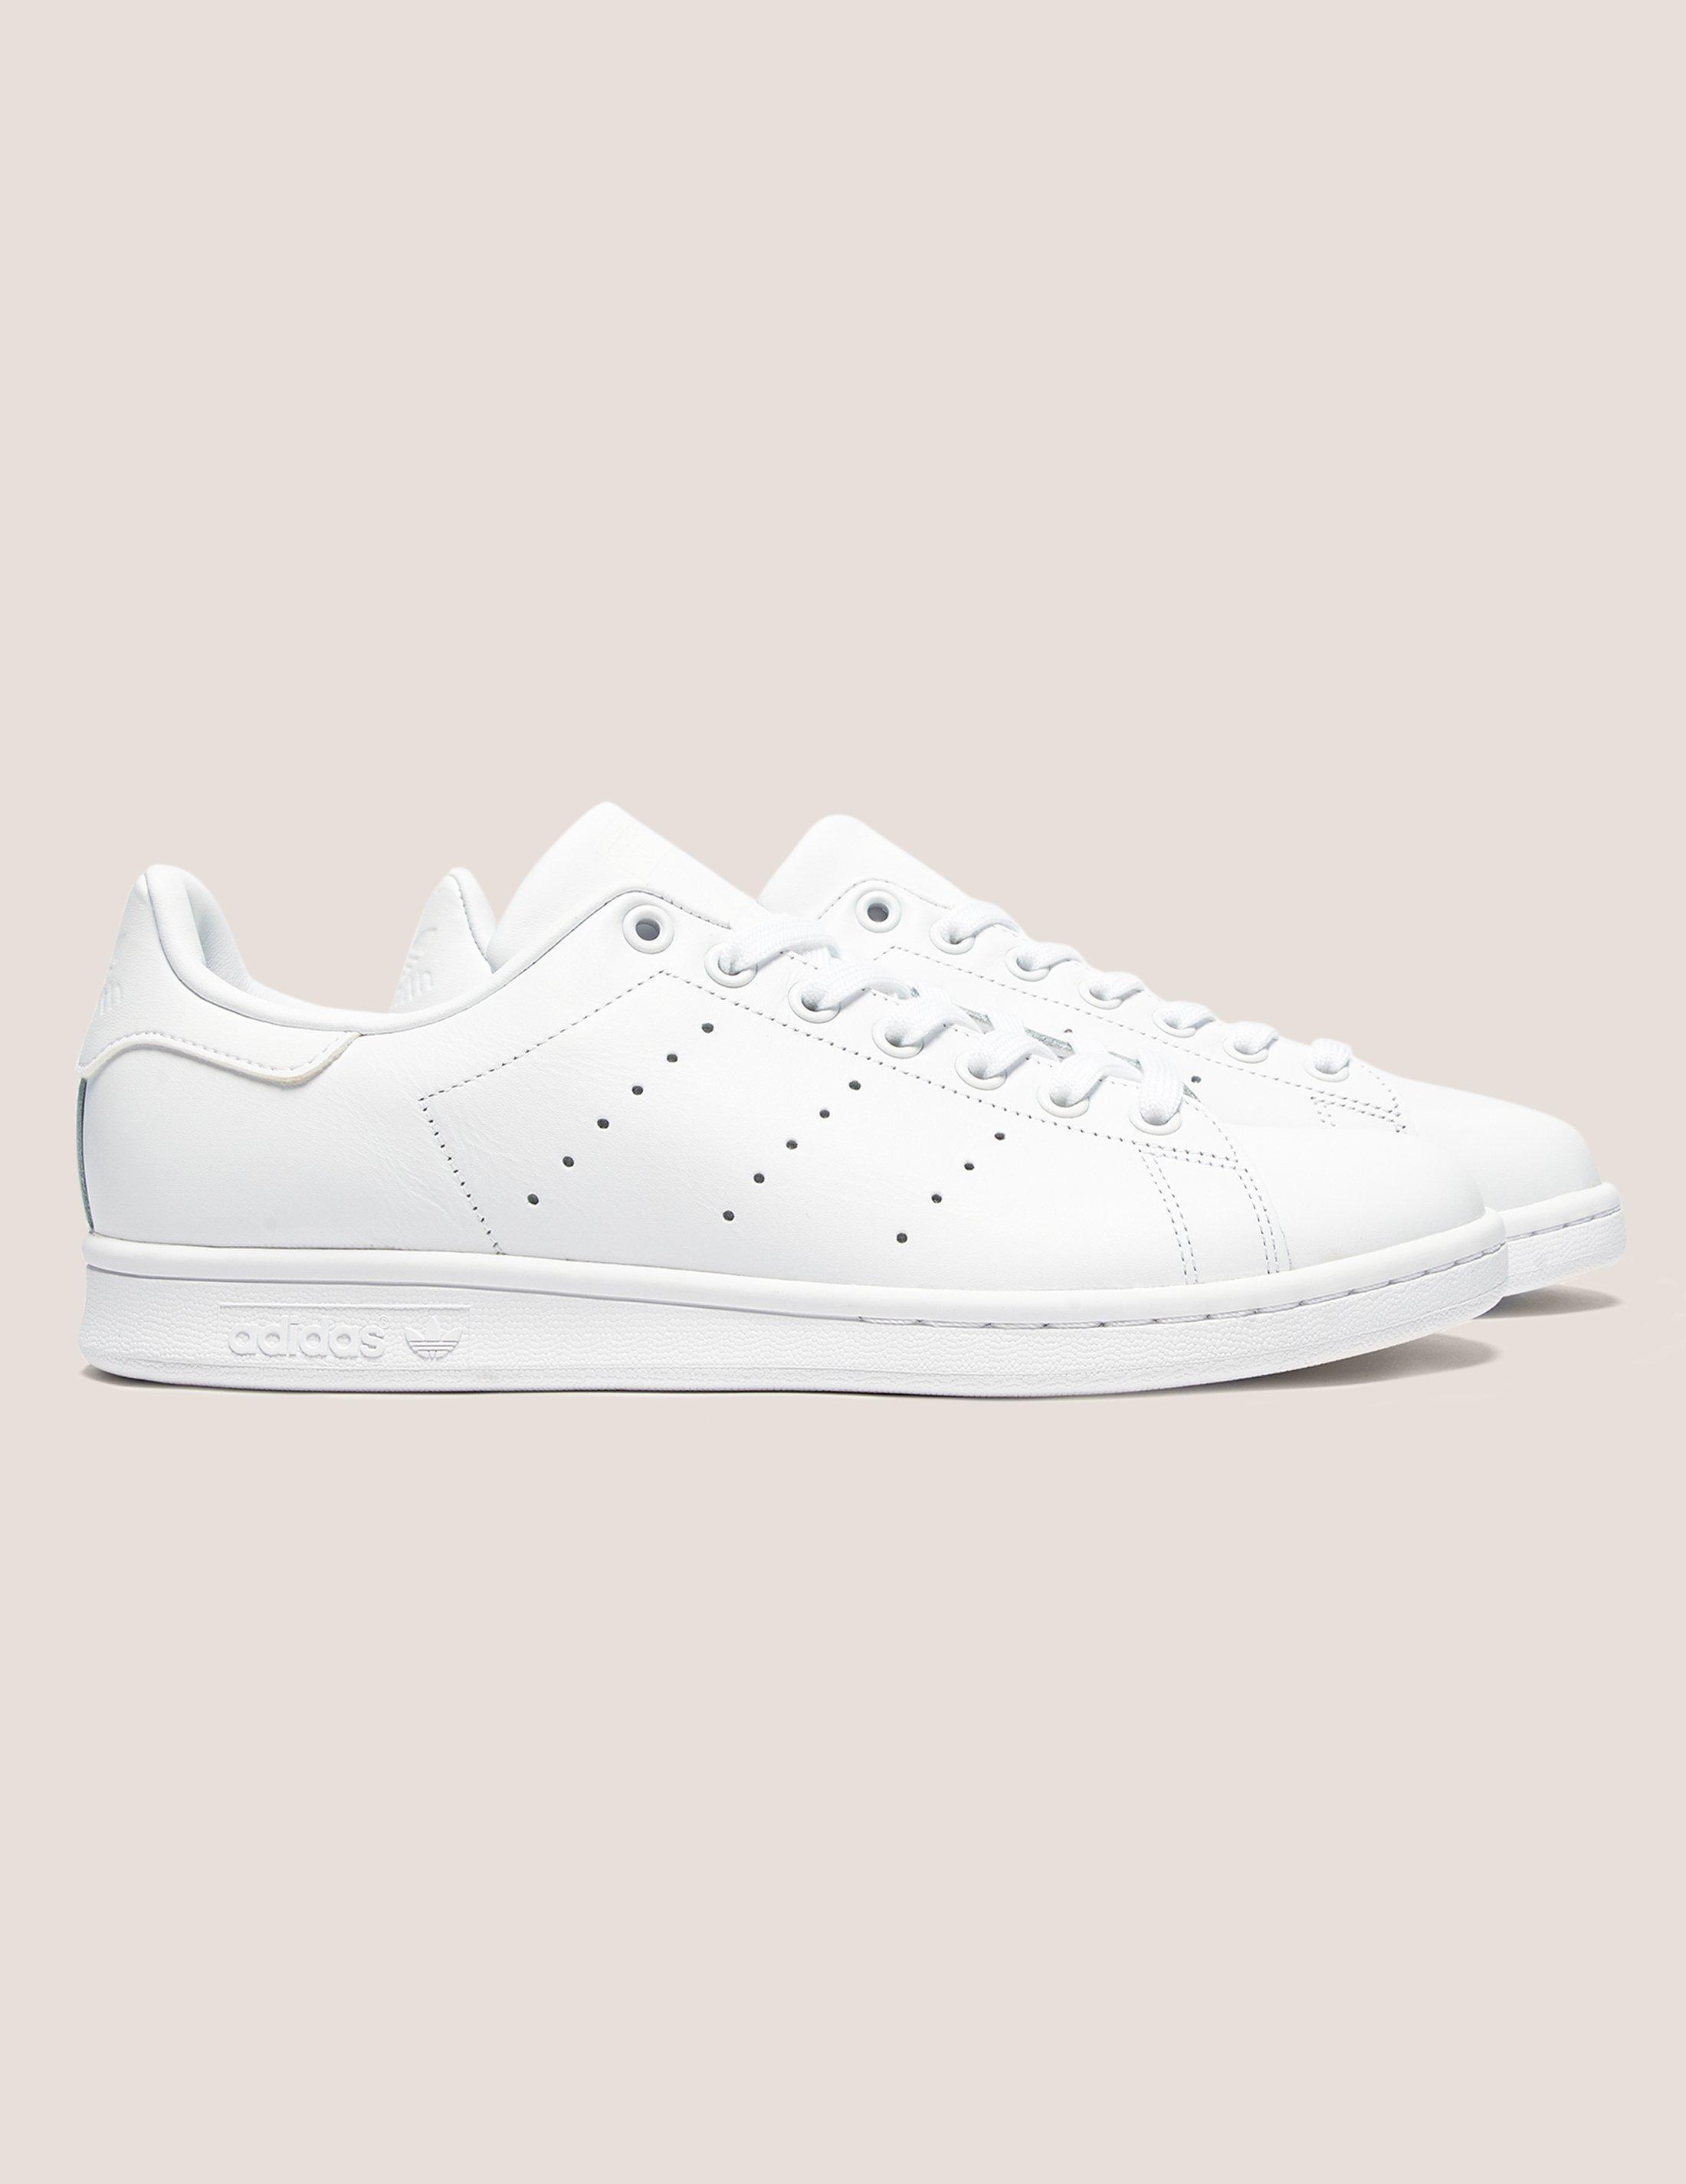 lyst adidas originali mens stan smith white in bianco per salvare il 4% uomini